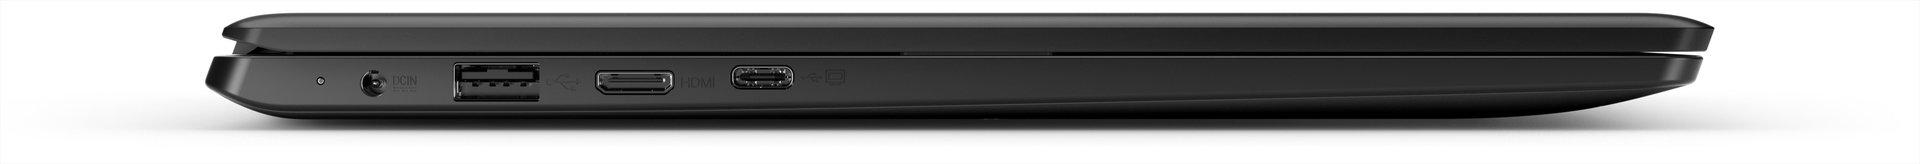 Stromanschluss, Micro-HDMI, USB Typ A (2.0) und USB Typ C mit DisplayPort